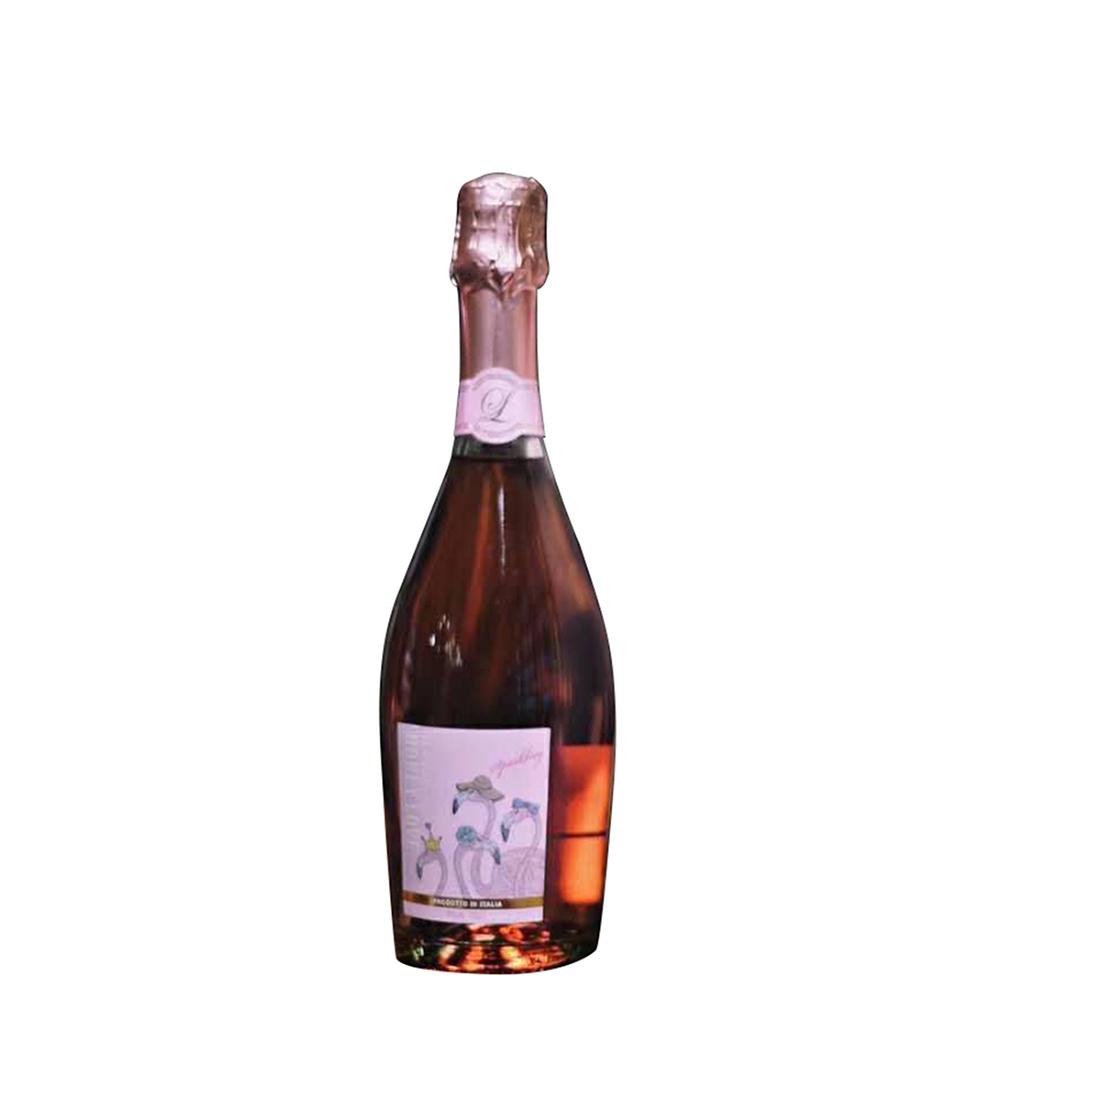 Оптовая продажа, свежий вкус, испанские бренды, ликер Doctor Bulk Brandy